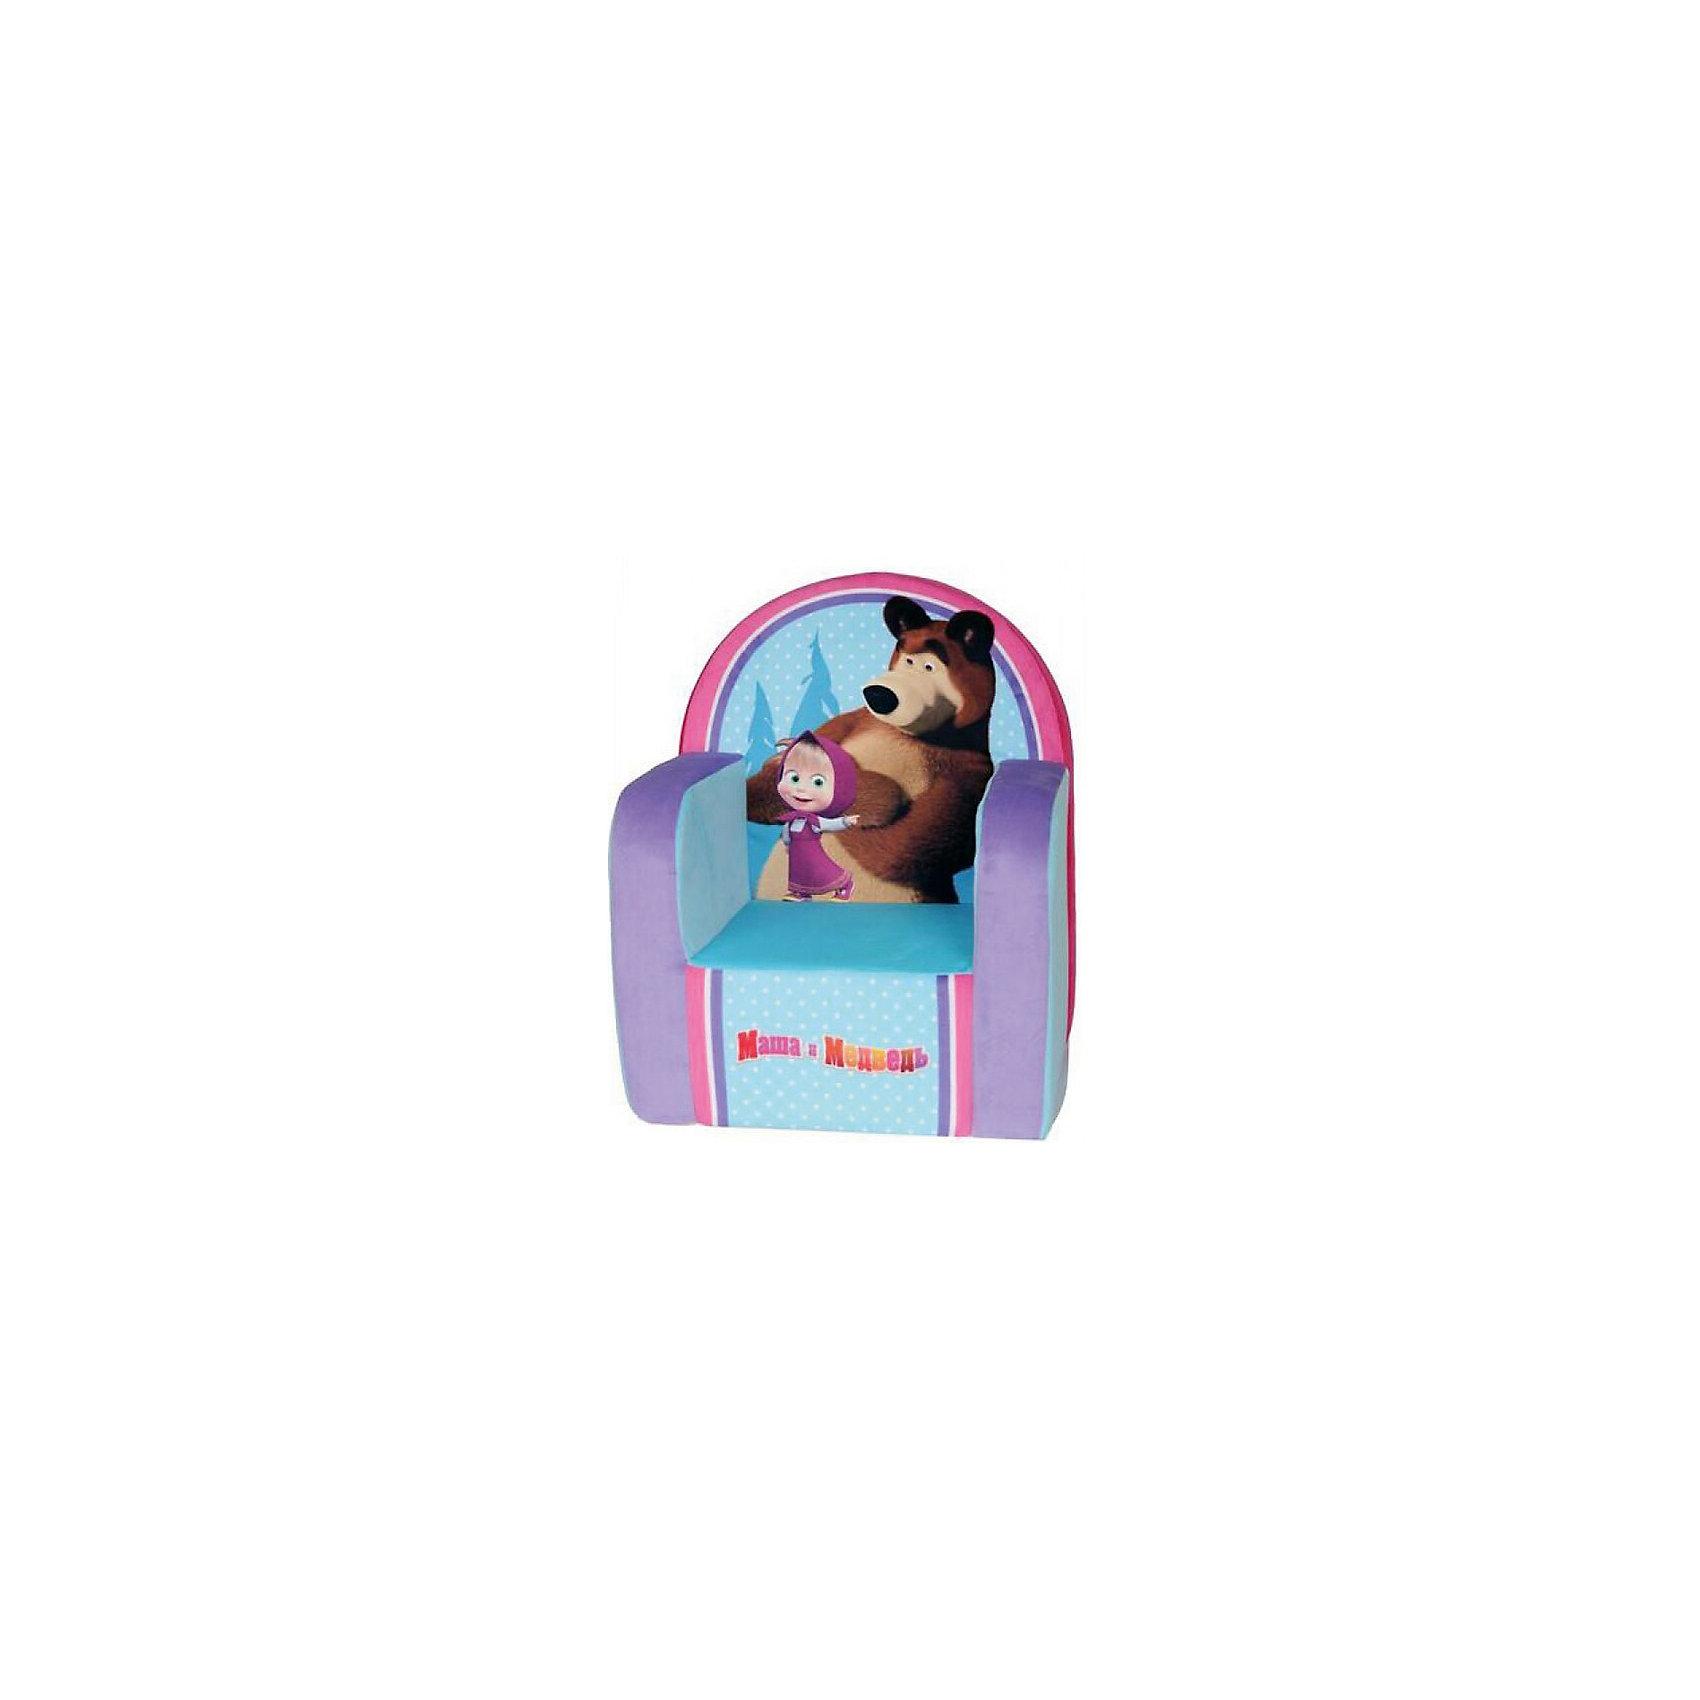 Мягкое кресло с чехлом Маша и Медведь с музыкальным элементом, СмолТойс, голубой  тумбочка без ящиков